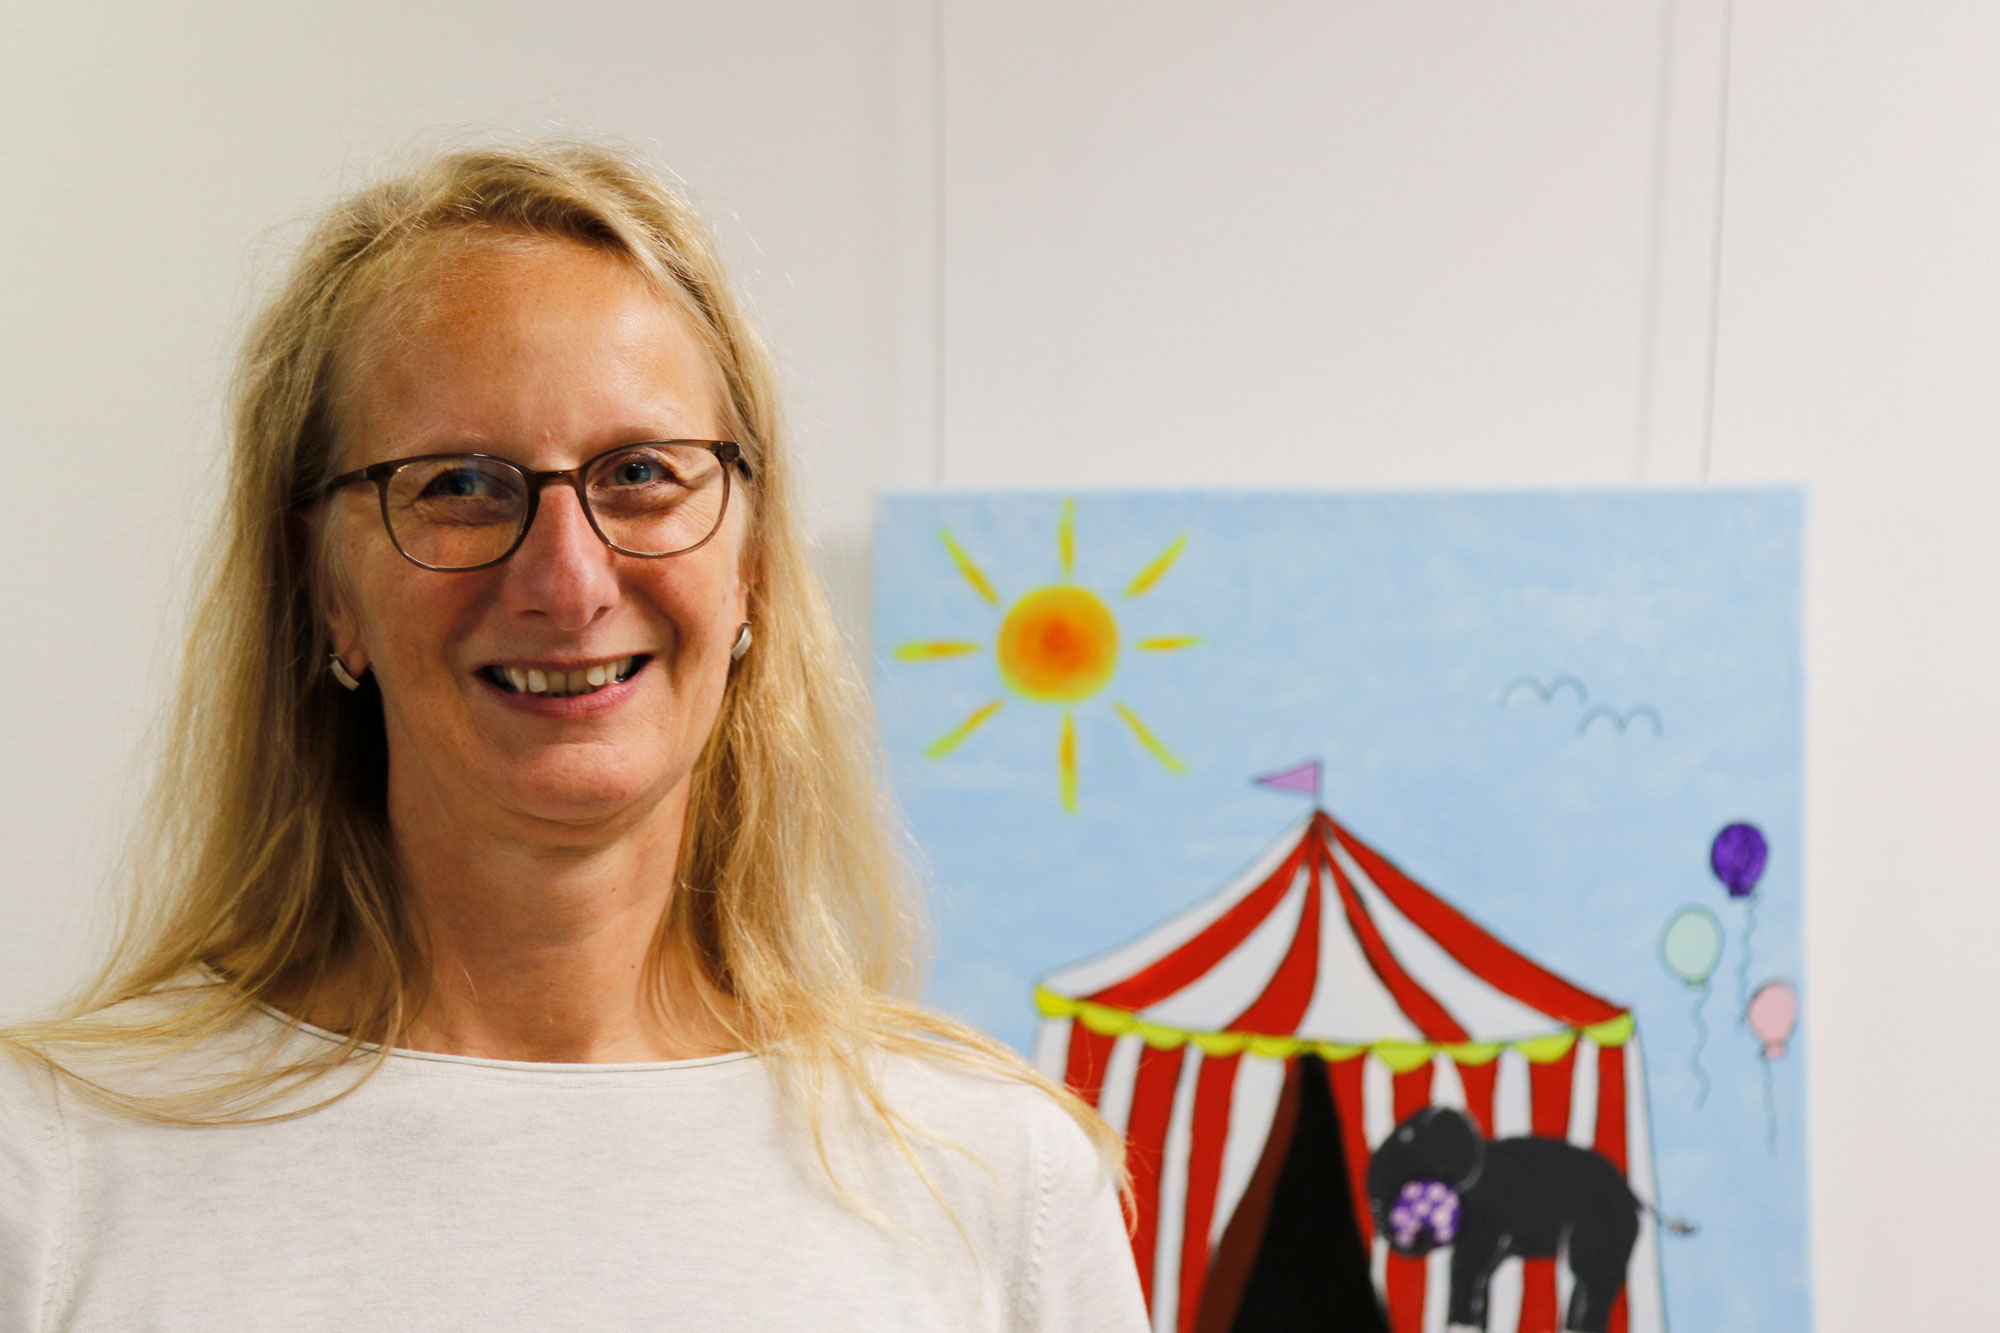 Silke Hufenbach koordiniert die Schulung für angehende Pflegeeltern. Das Jugendamt bietet ständigen Kontakt und Begleitung an. (Foto: Mathis Schneider/Märischer Kreis)